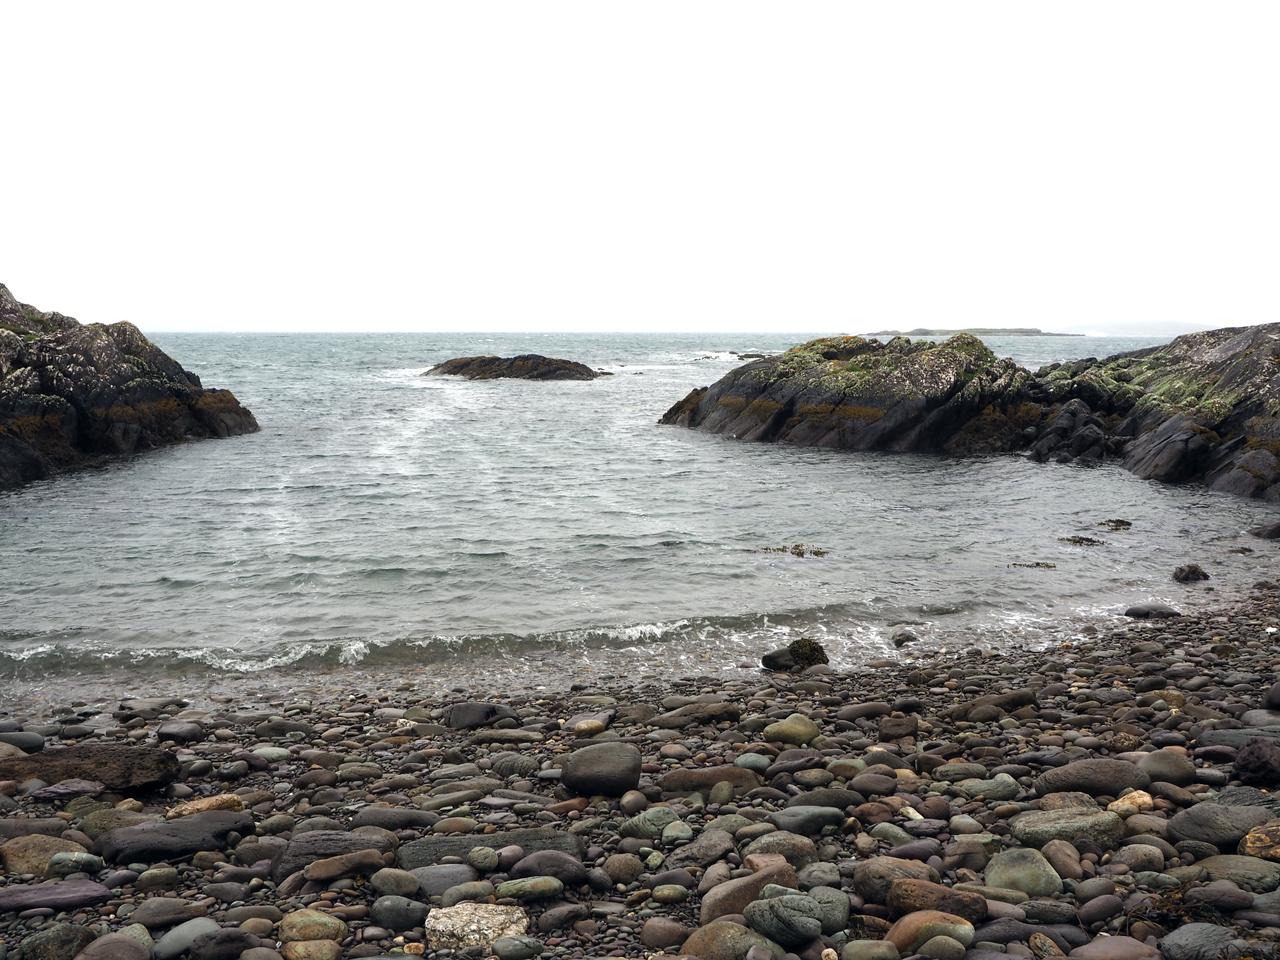 grindstrandje Coulagh Bay